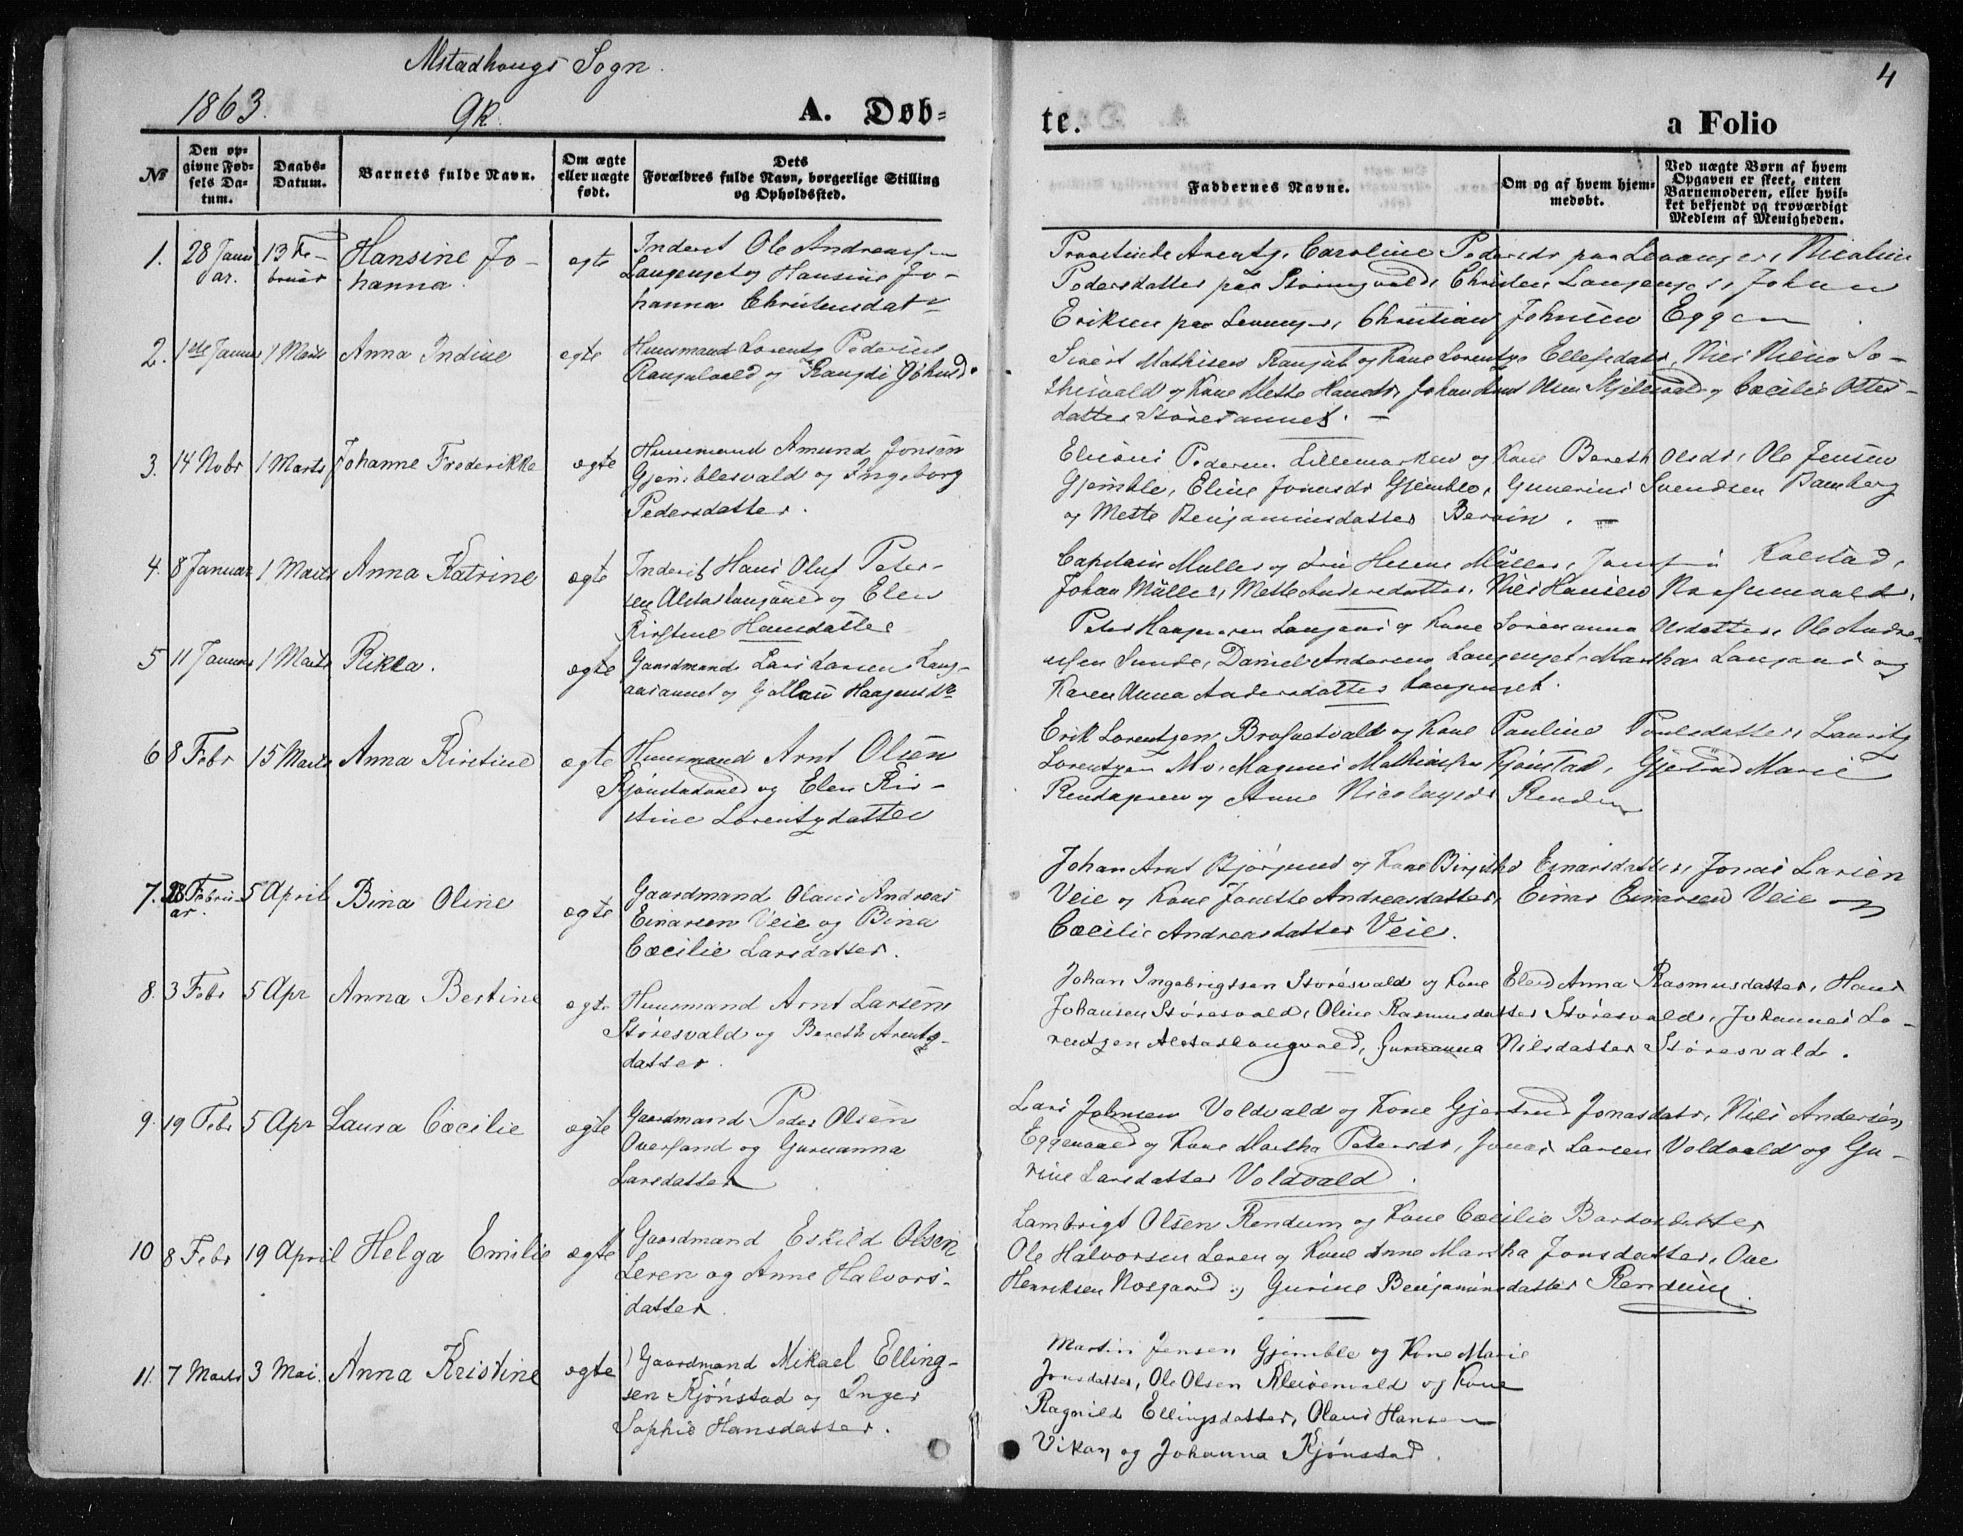 SAT, Ministerialprotokoller, klokkerbøker og fødselsregistre - Nord-Trøndelag, 717/L0157: Ministerialbok nr. 717A08 /1, 1863-1877, s. 4